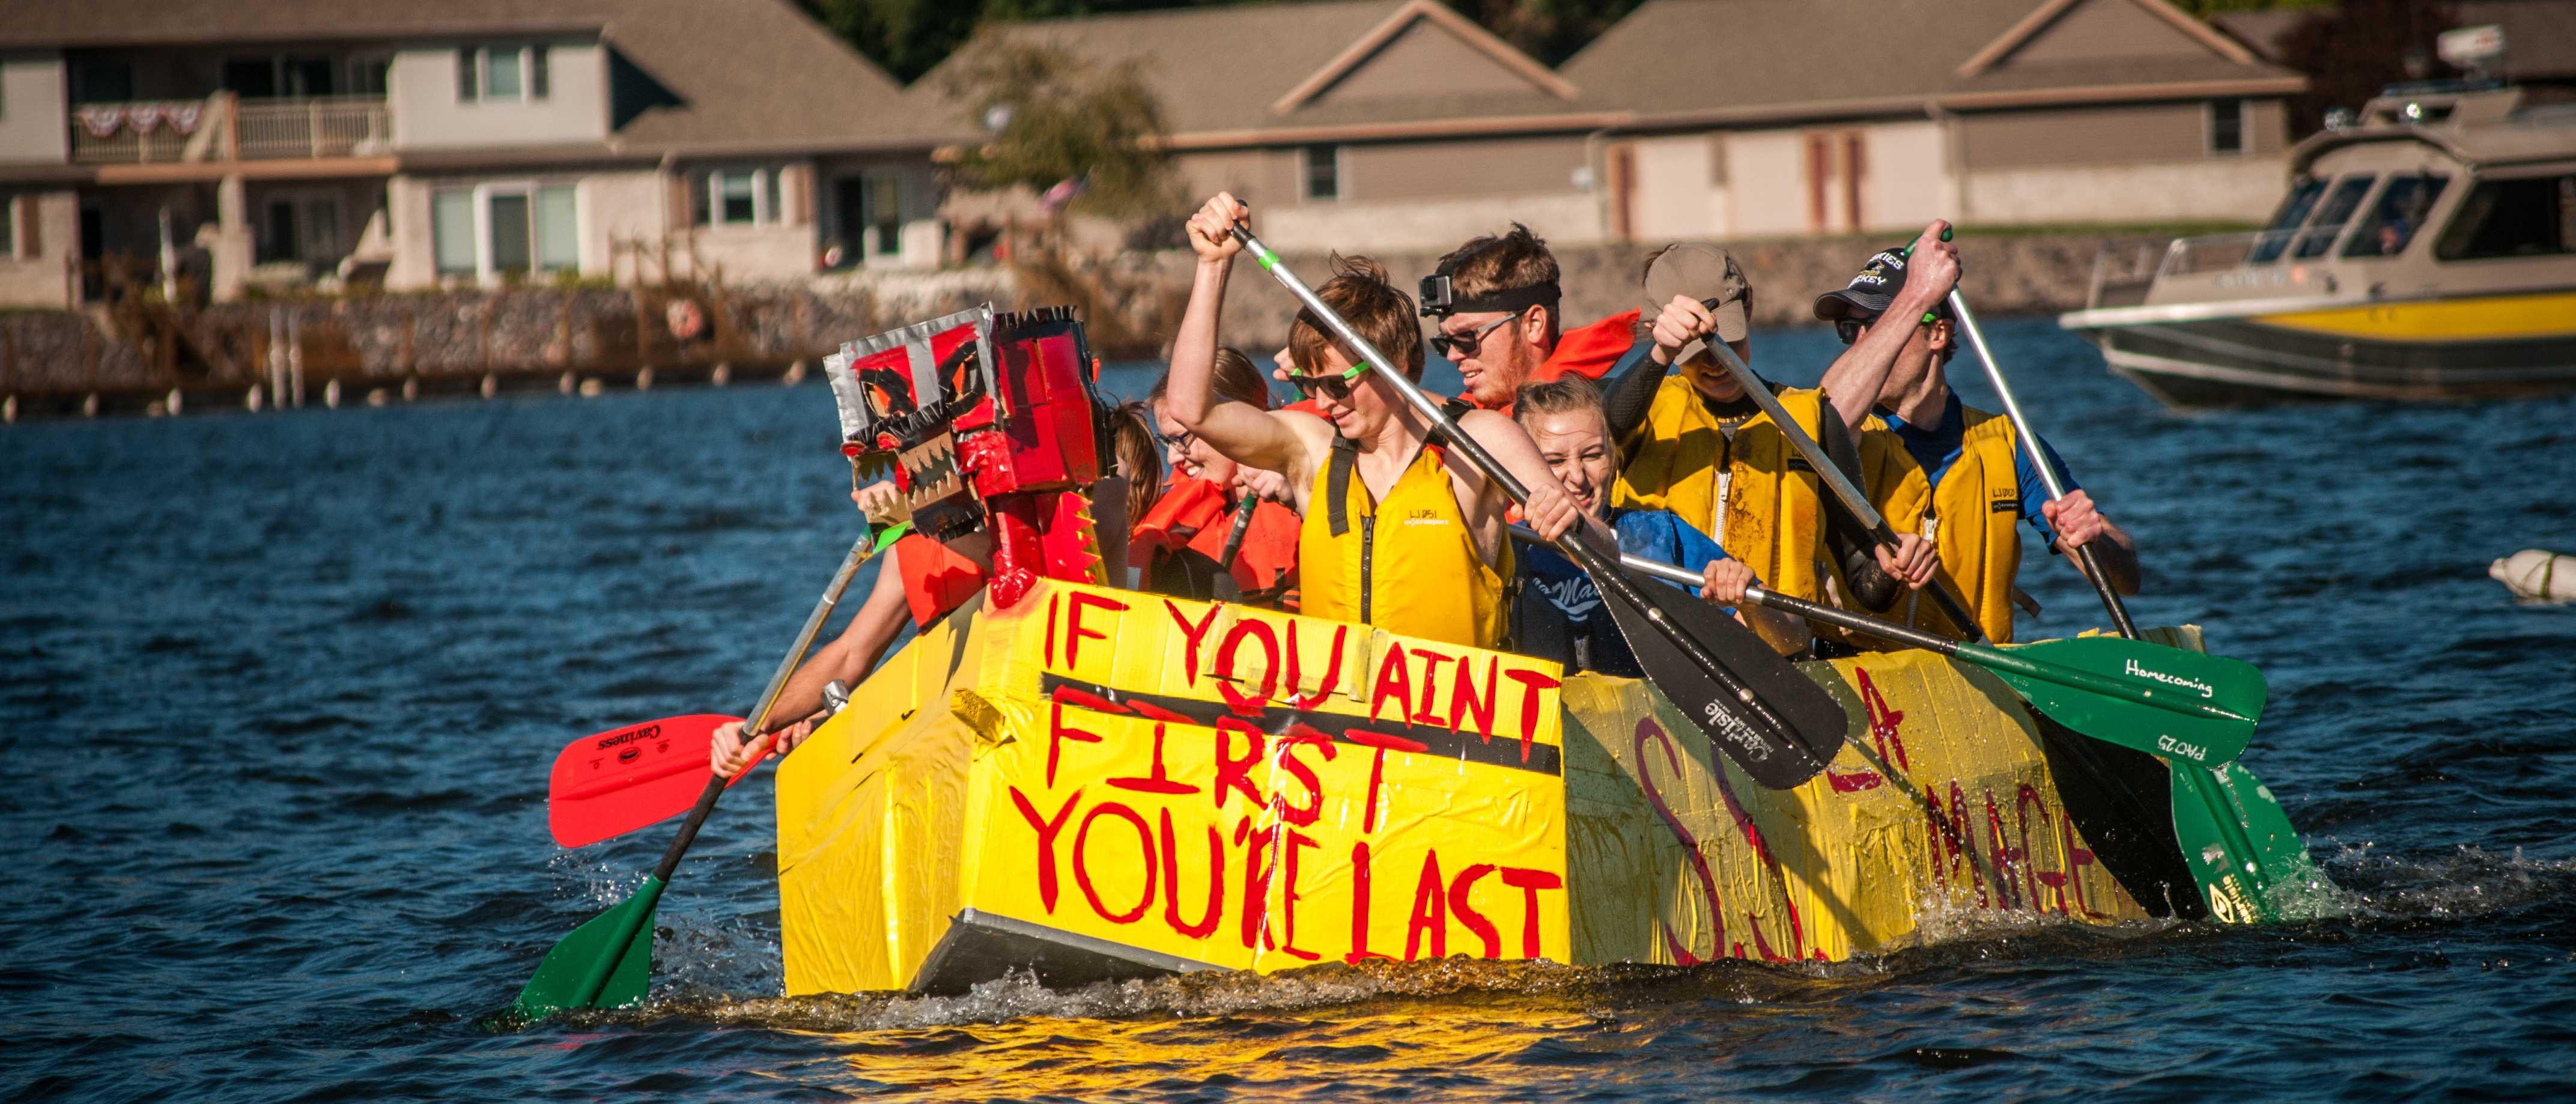 Cardboard boat race 2016 results